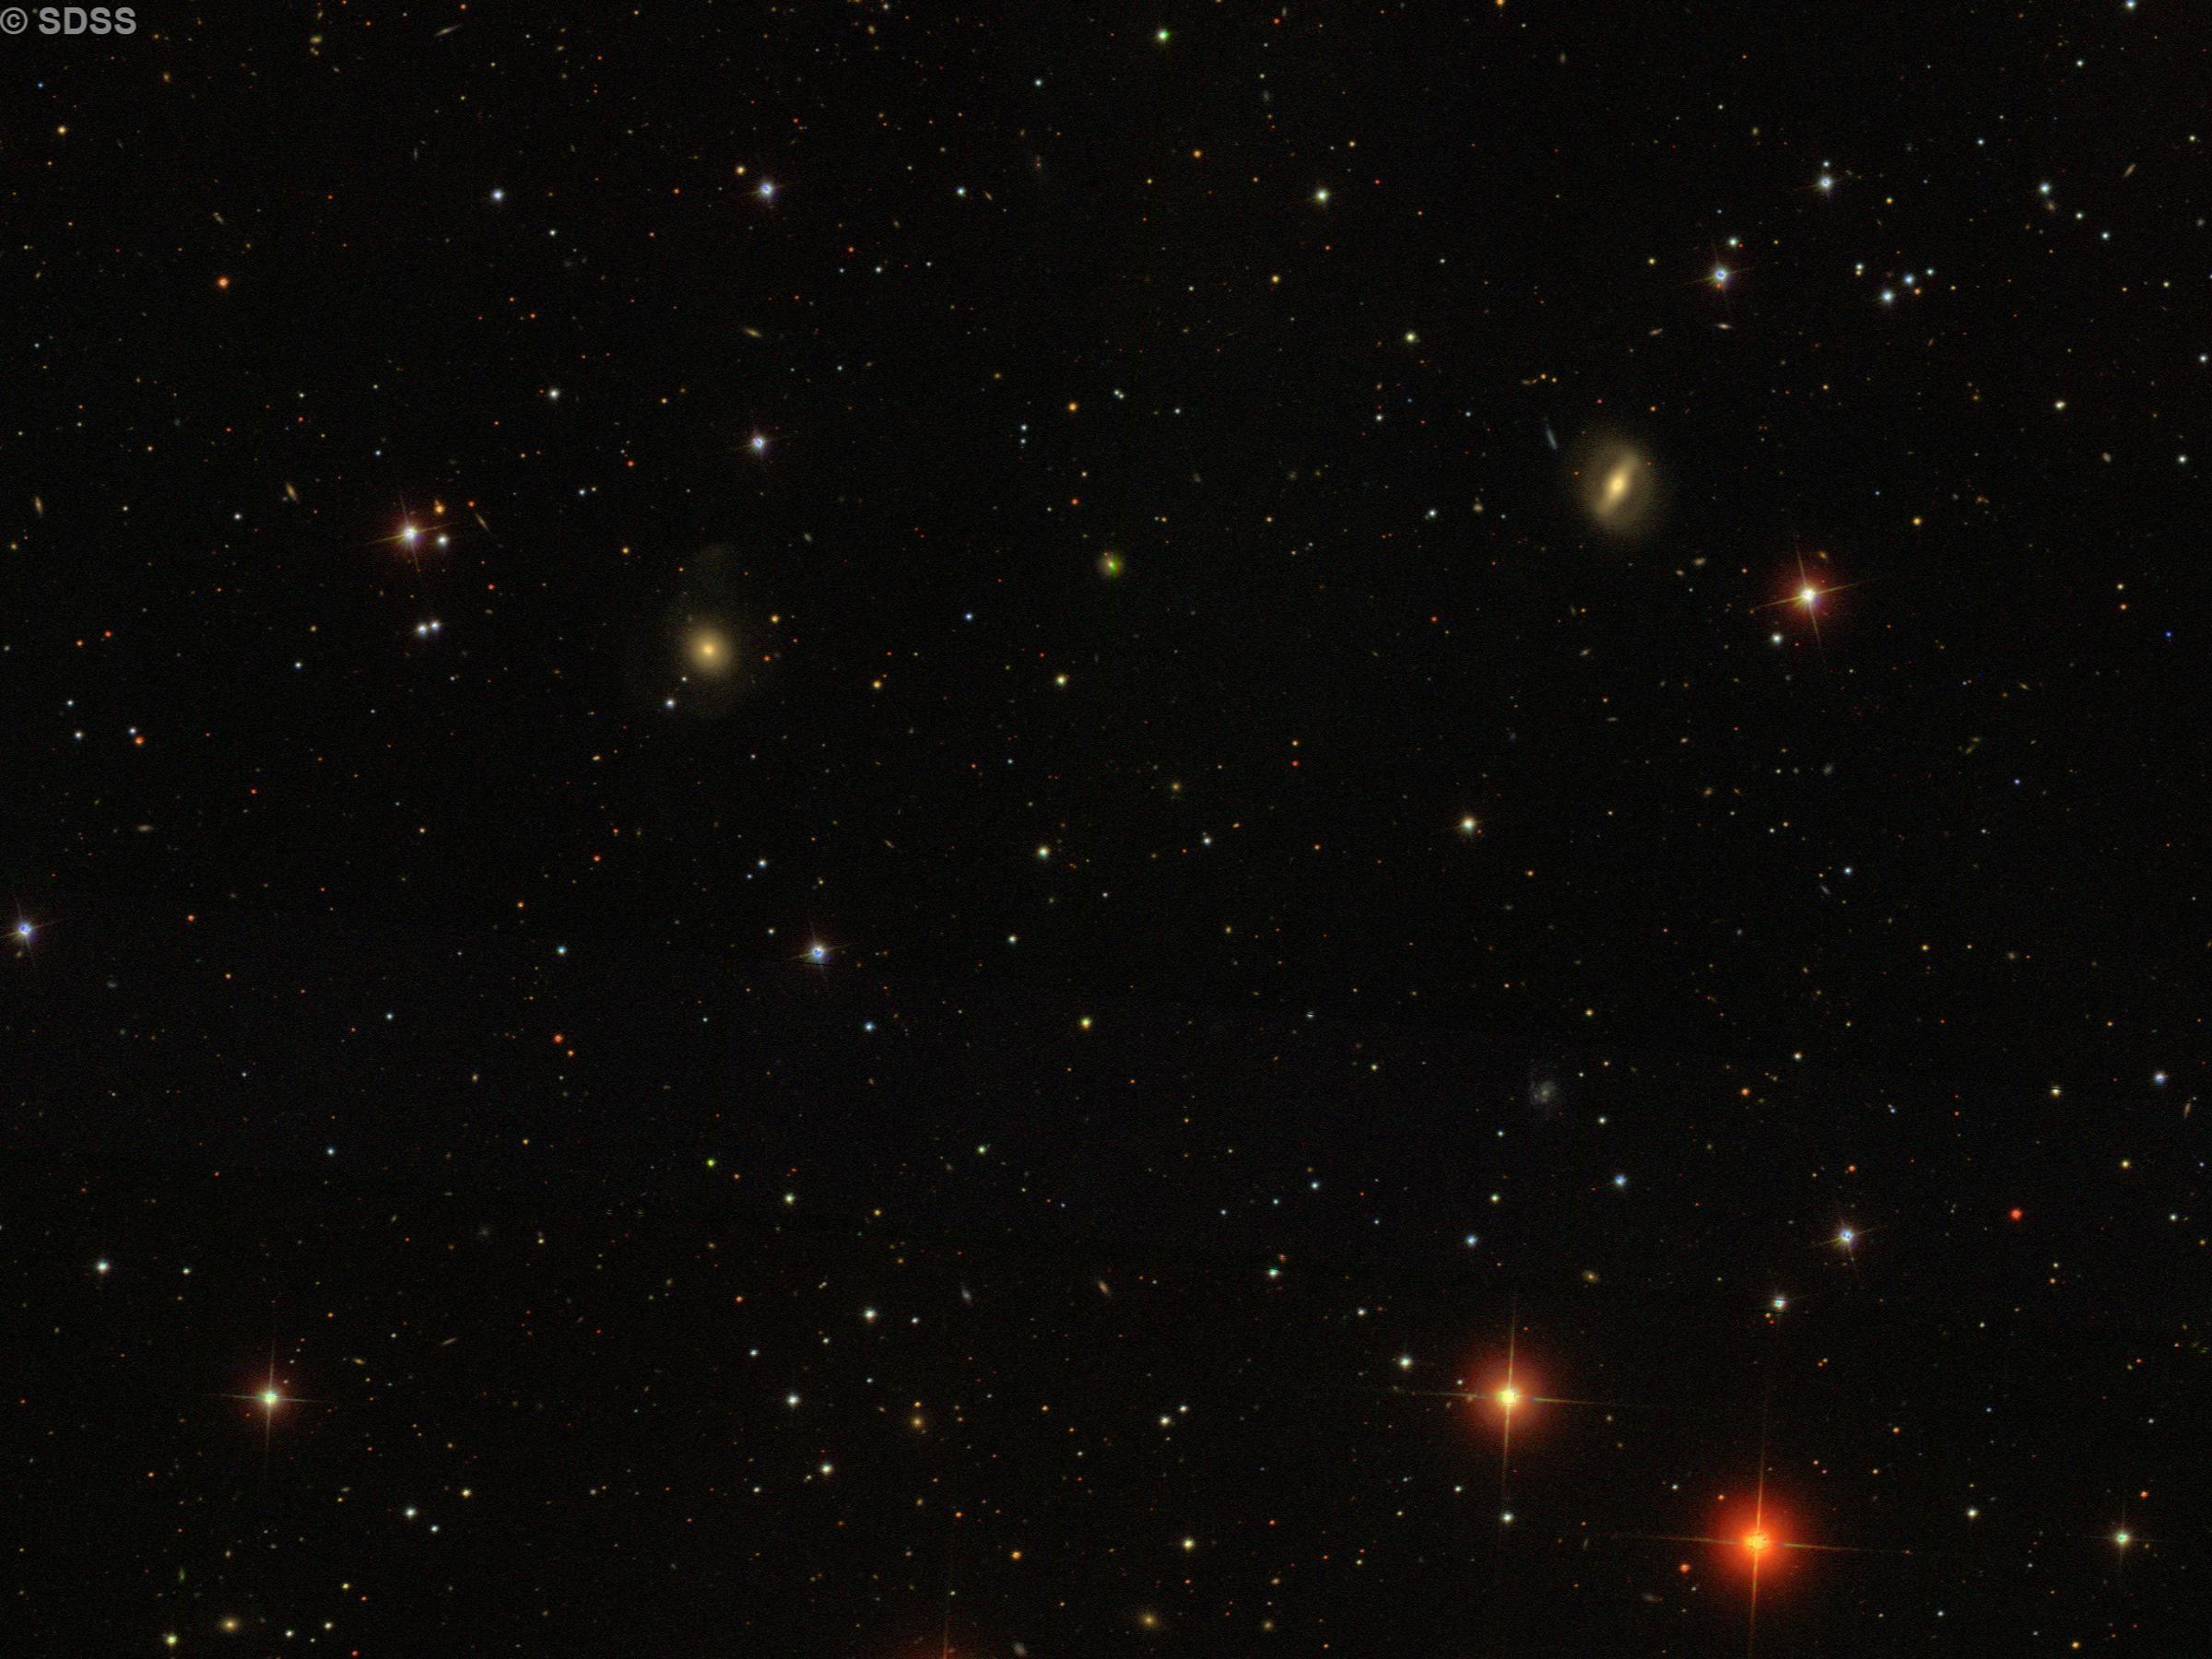 NGC 7461 & NGC 7467